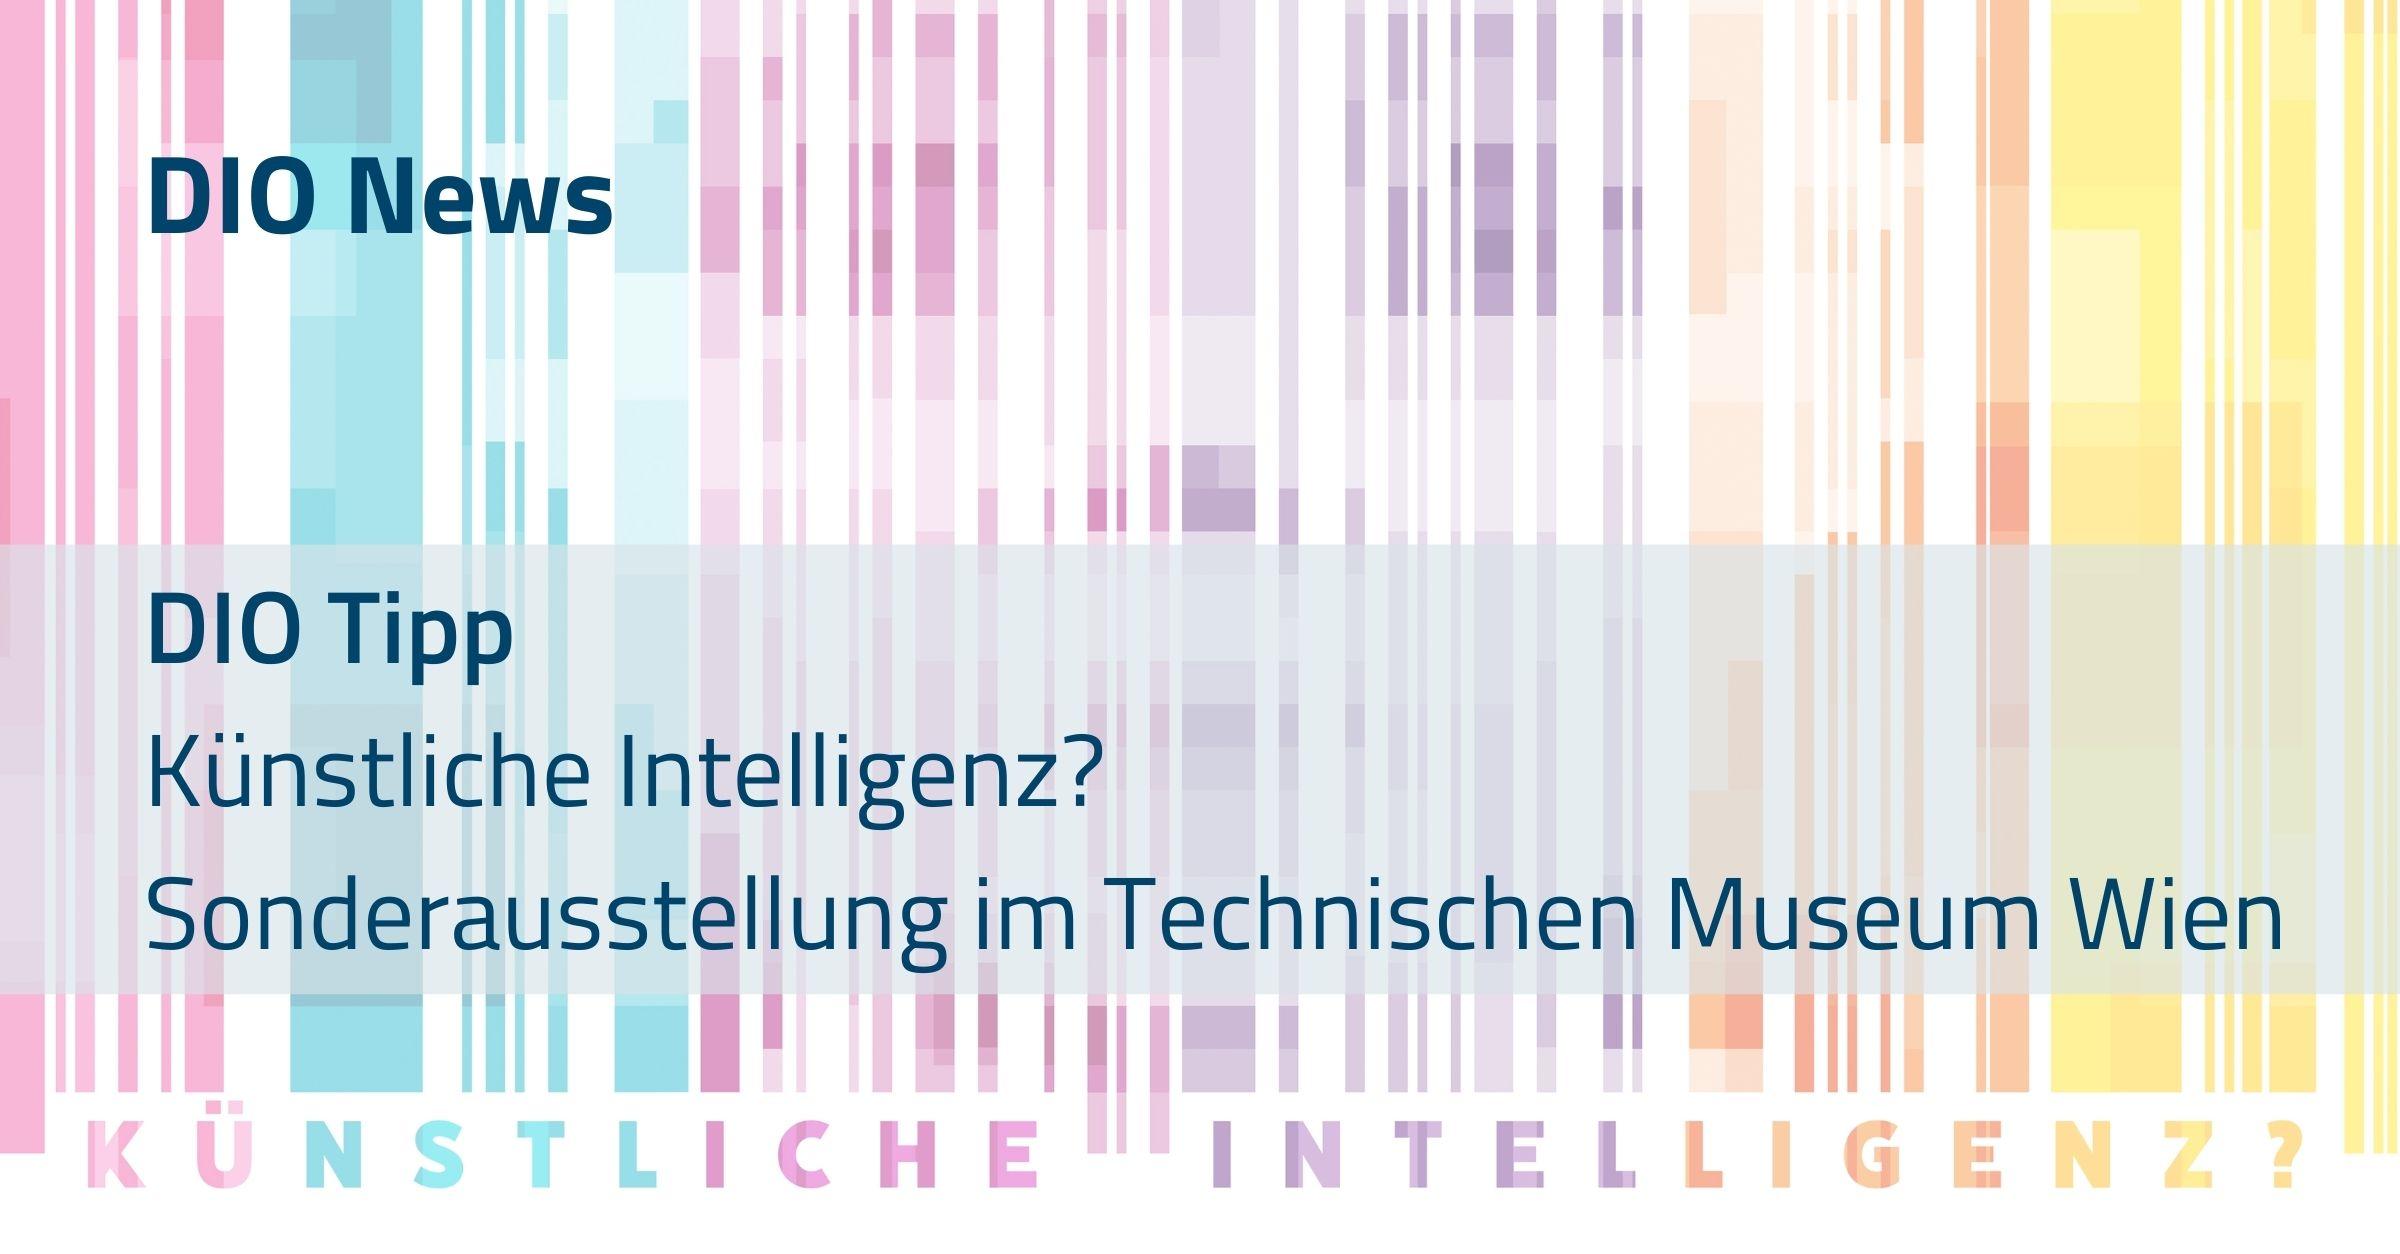 DIO Tipp Künstliche Intelligenz? Sonderausstellung im Technischen Museum Wien